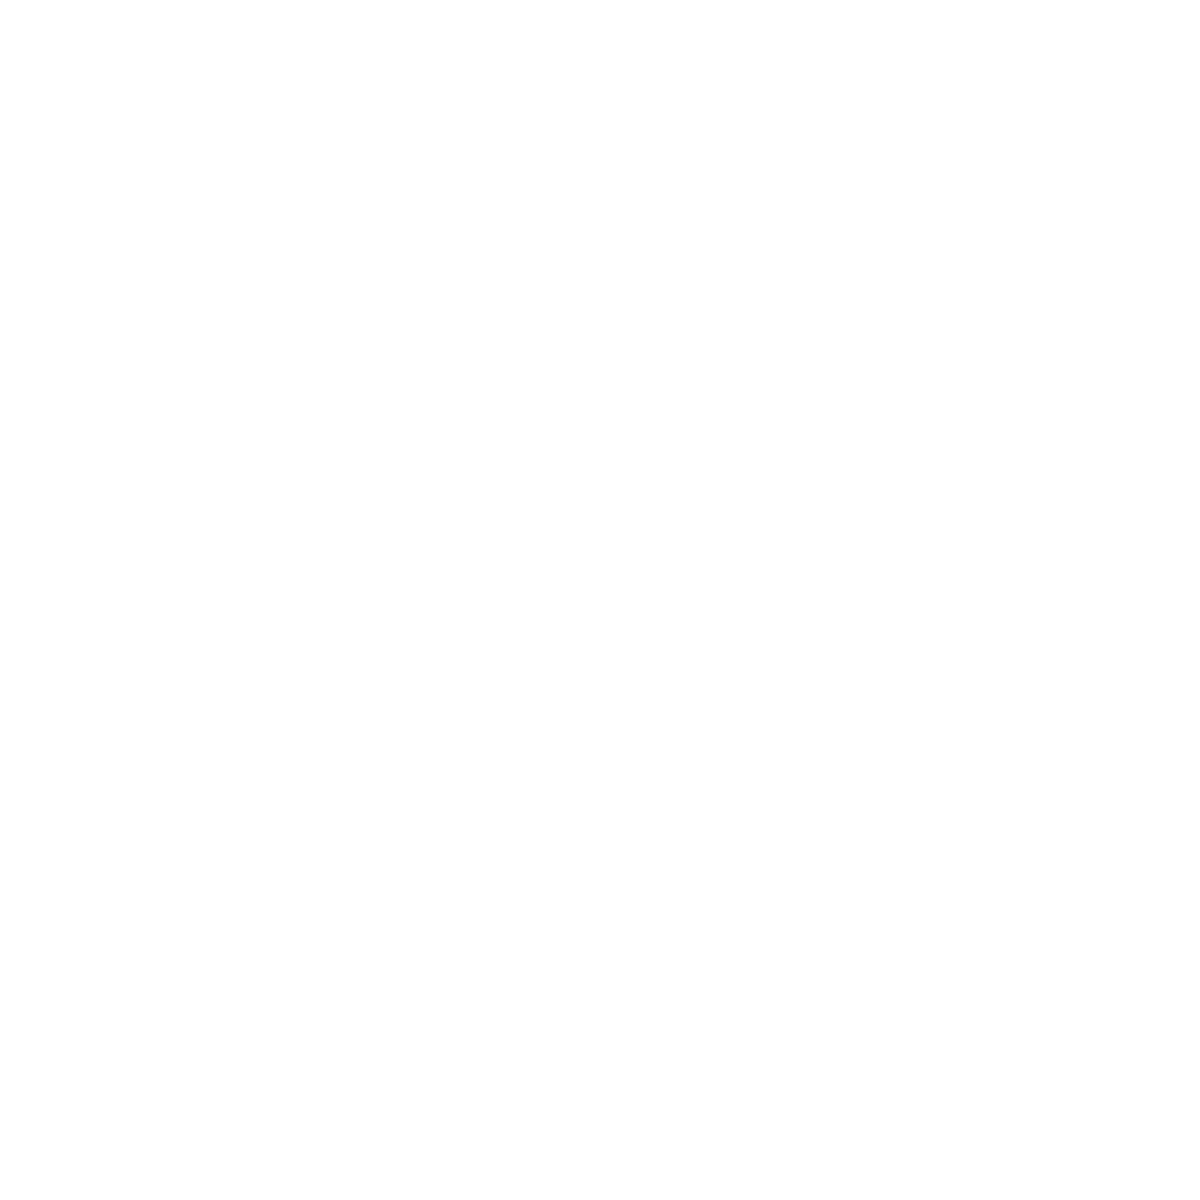 Gratis fono en español chat Chat de